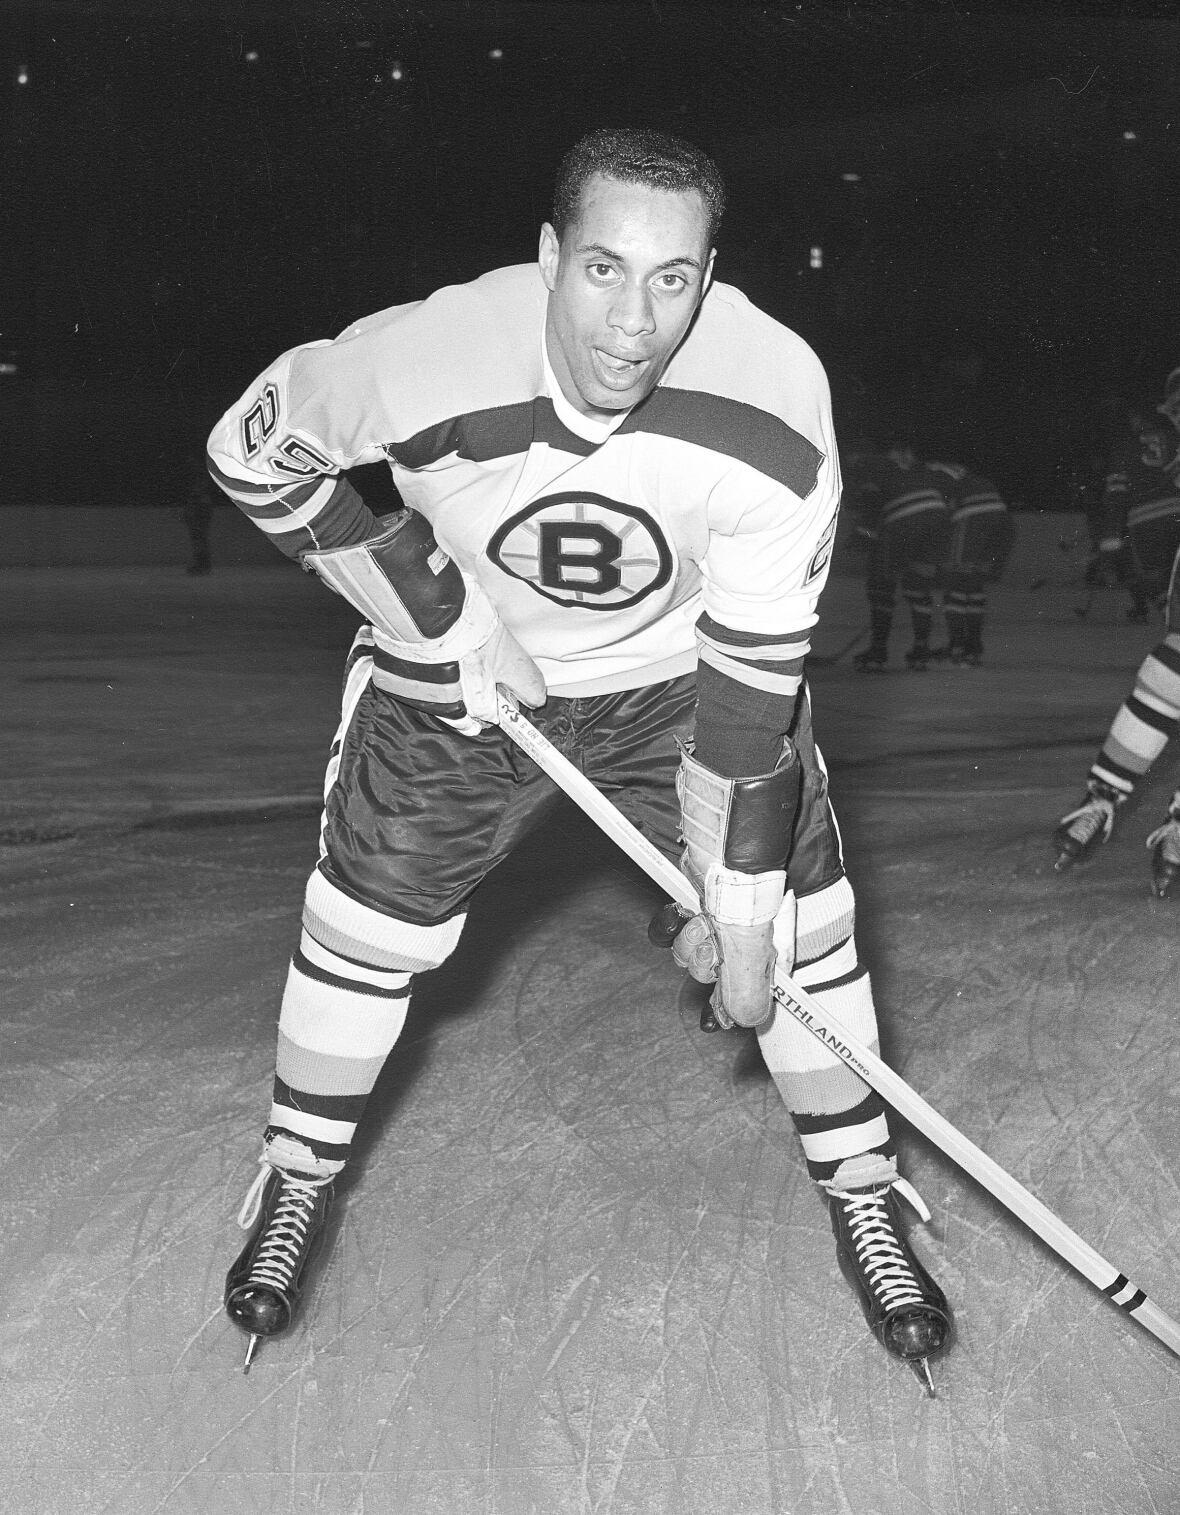 Boston honours hockey pioneer Willie O'Ree